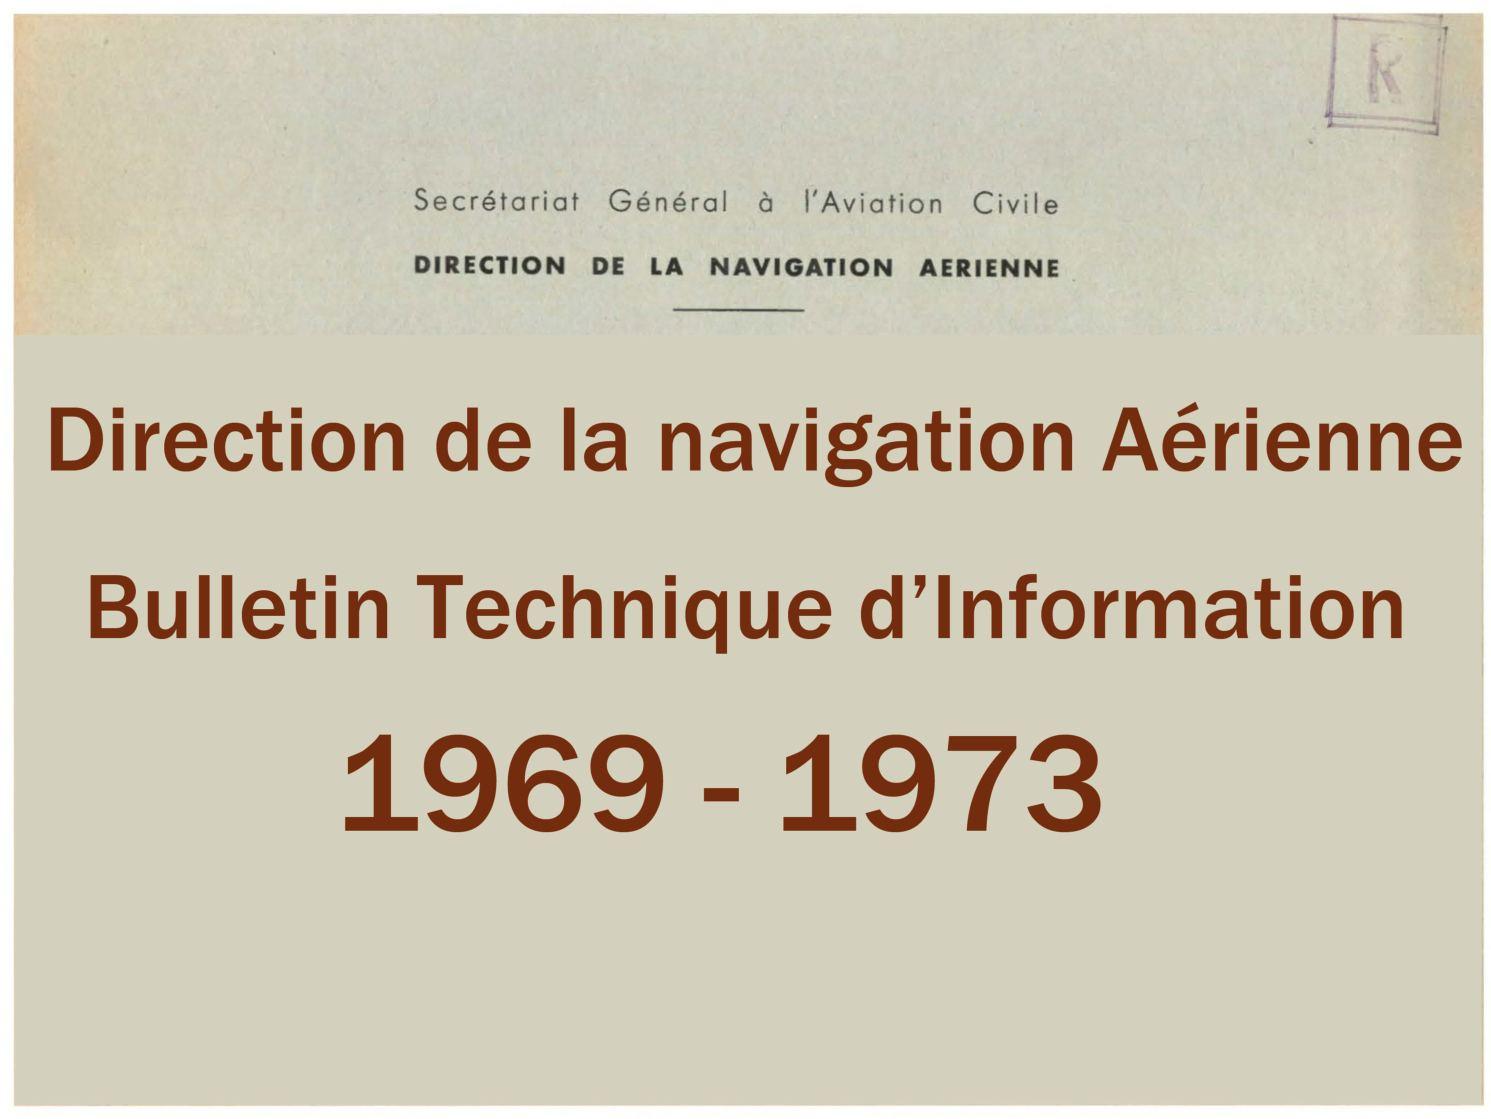 Calamo 1969 1973 Dna Bulletin Technique Mb Quart Pab 2100 2channel Amplifier At Ocsdealscom